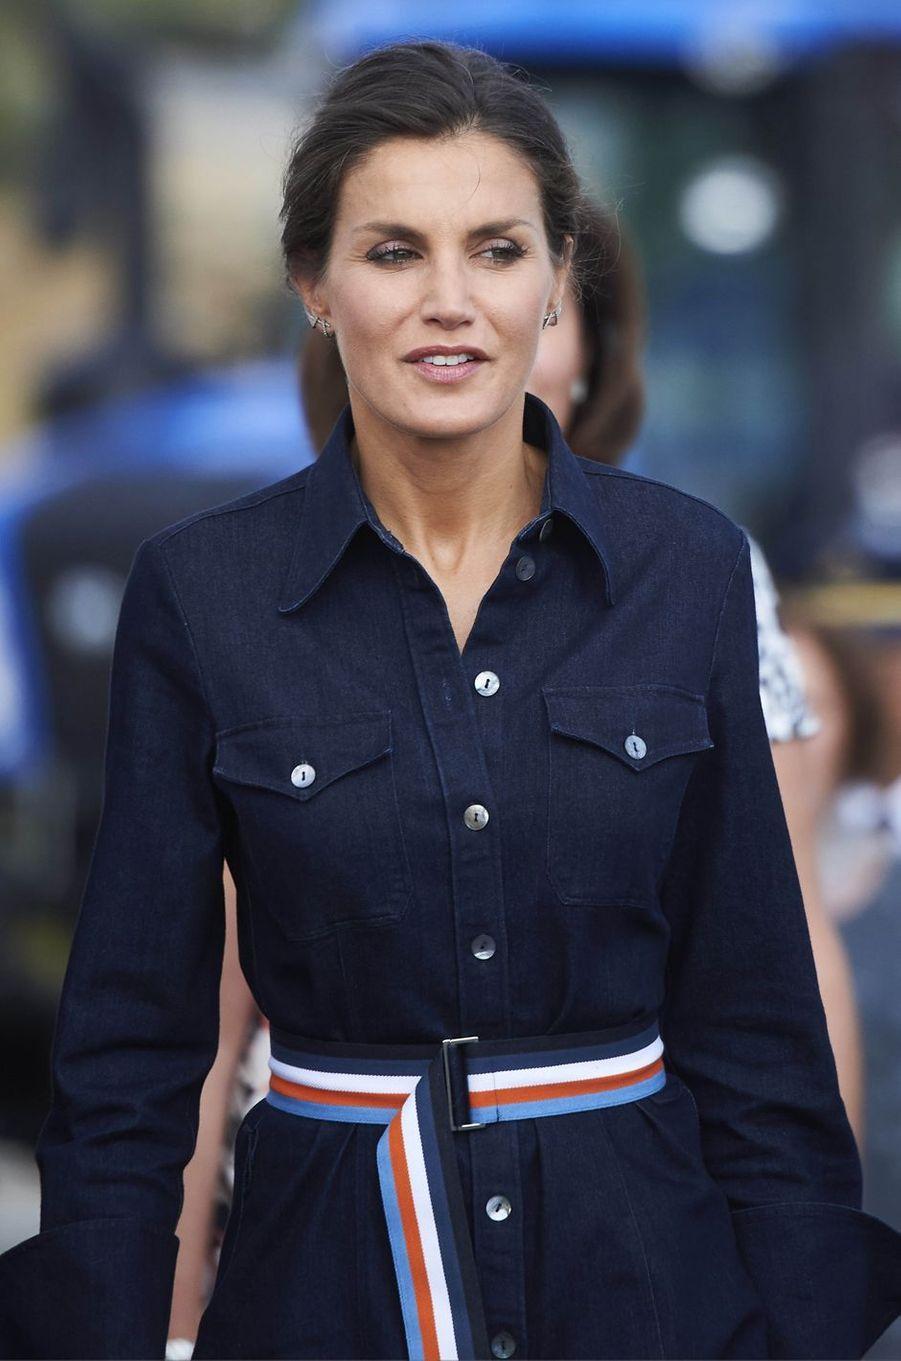 La reine Letizia d'Espagne à Salamanque, le 5 septembre 2018